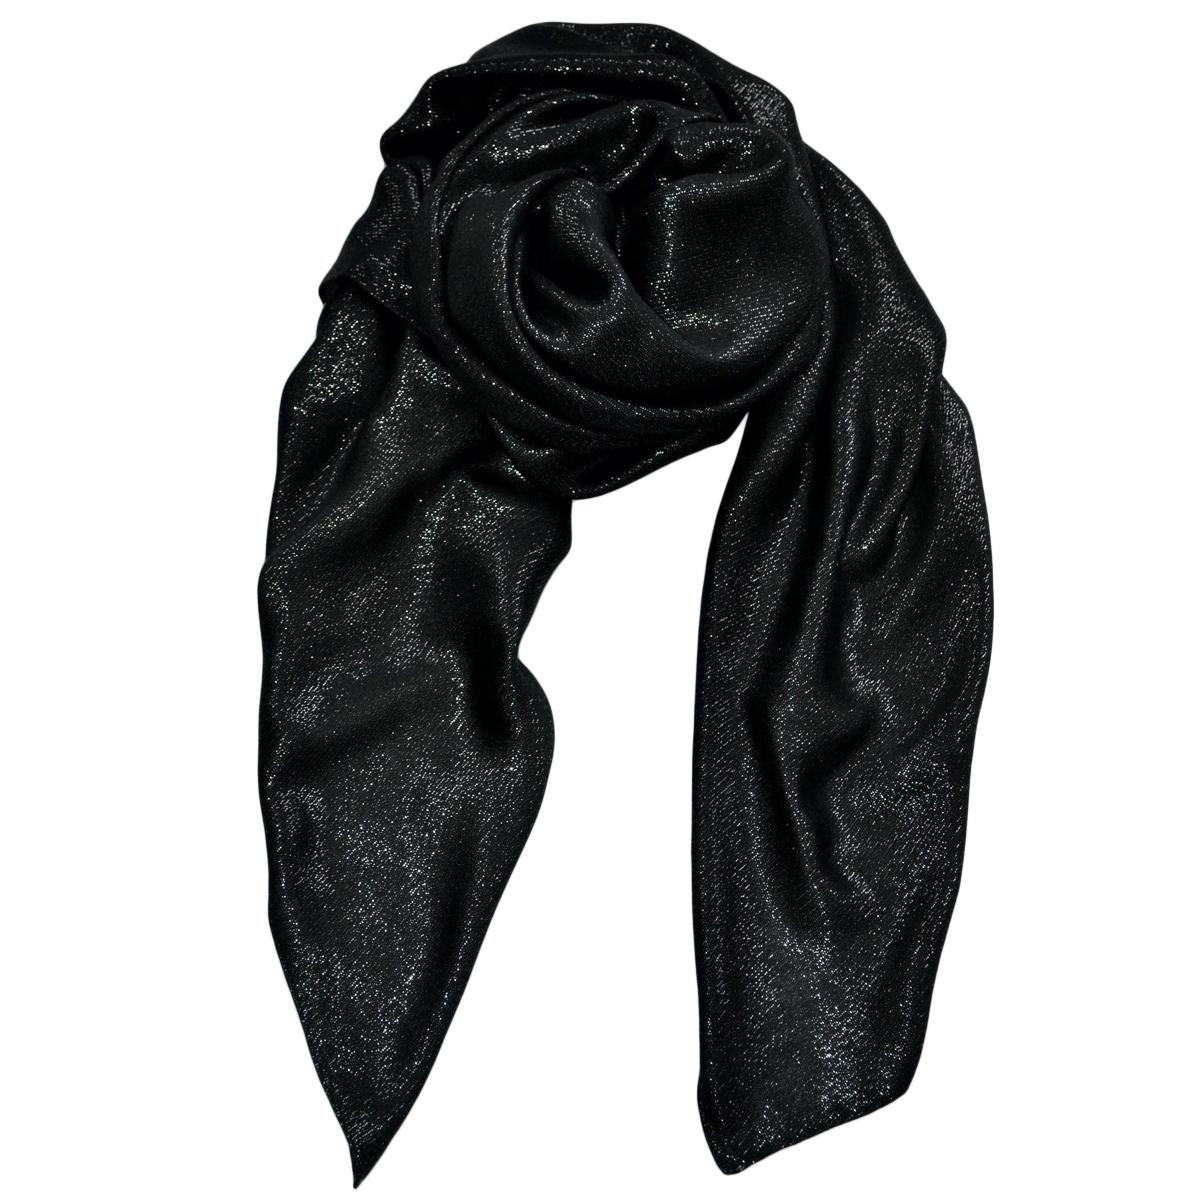 Saint Laurent black metallic cashmere blend scarf